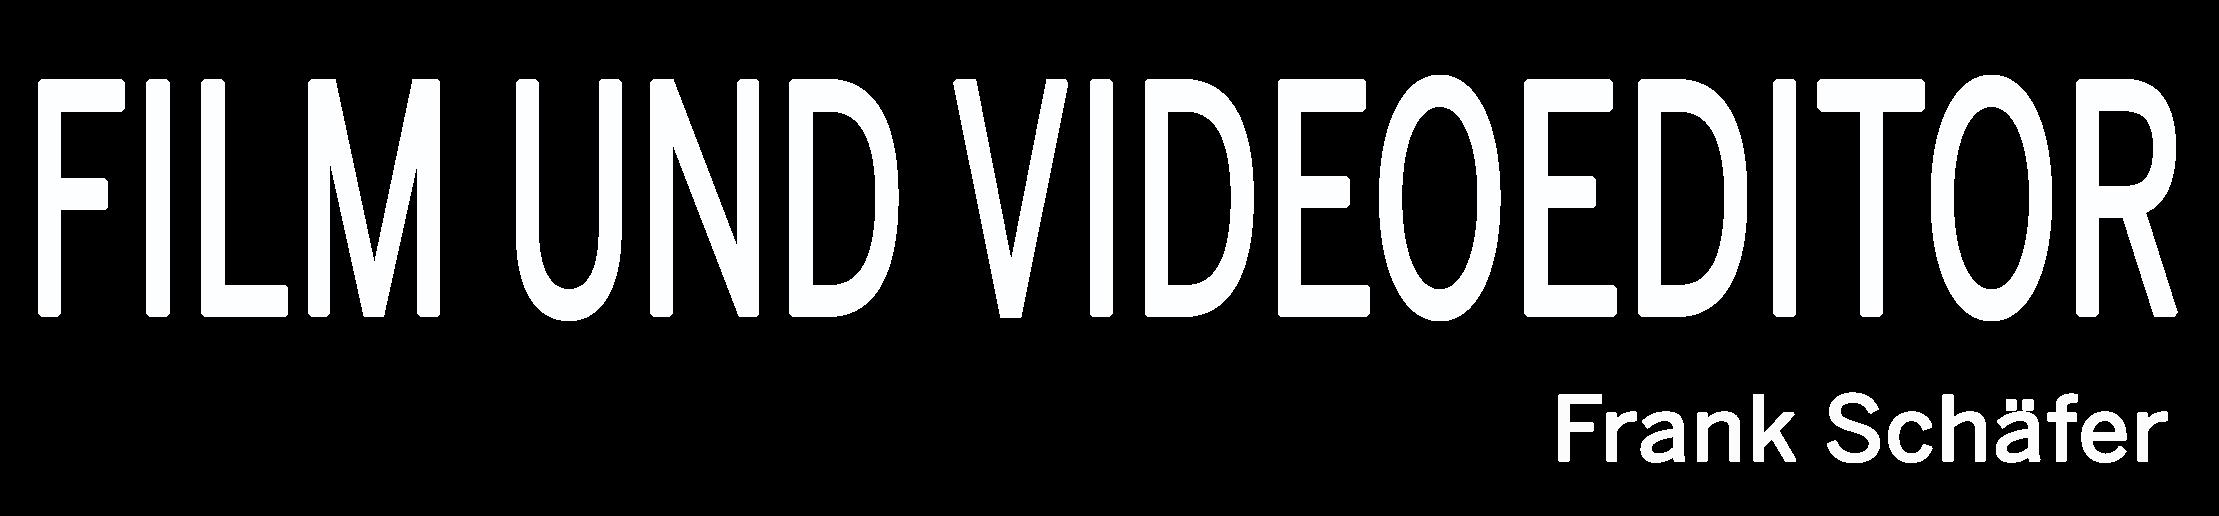 Film- und Video Editor / Videoproduzent Frank Schäfer